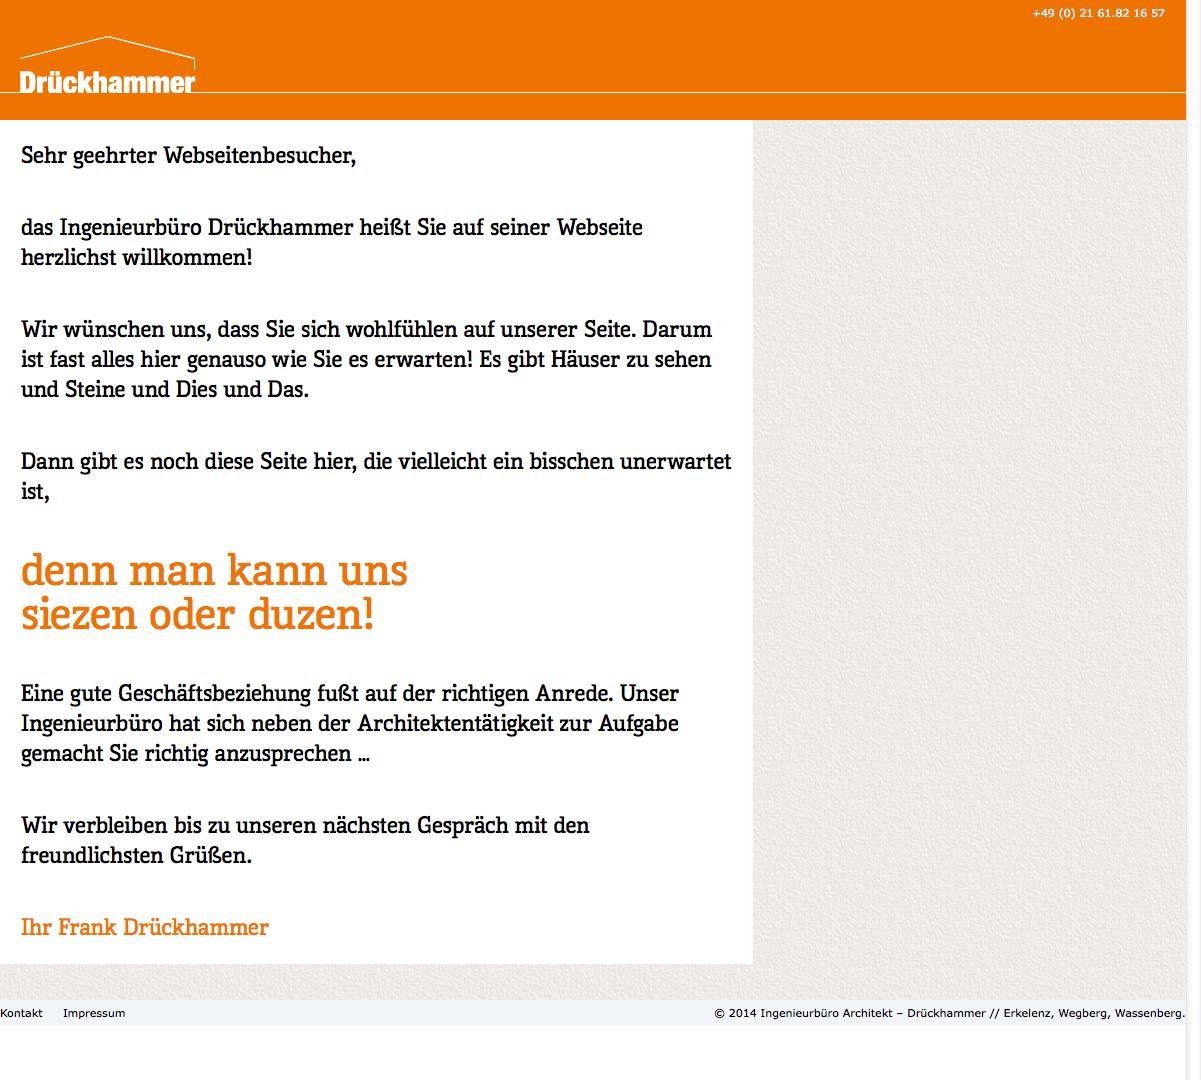 Siezen Sie mich! » Ingenieurbüro Architekt - Drückhammer -- Erkelenz, Wegberg, Wassenberg